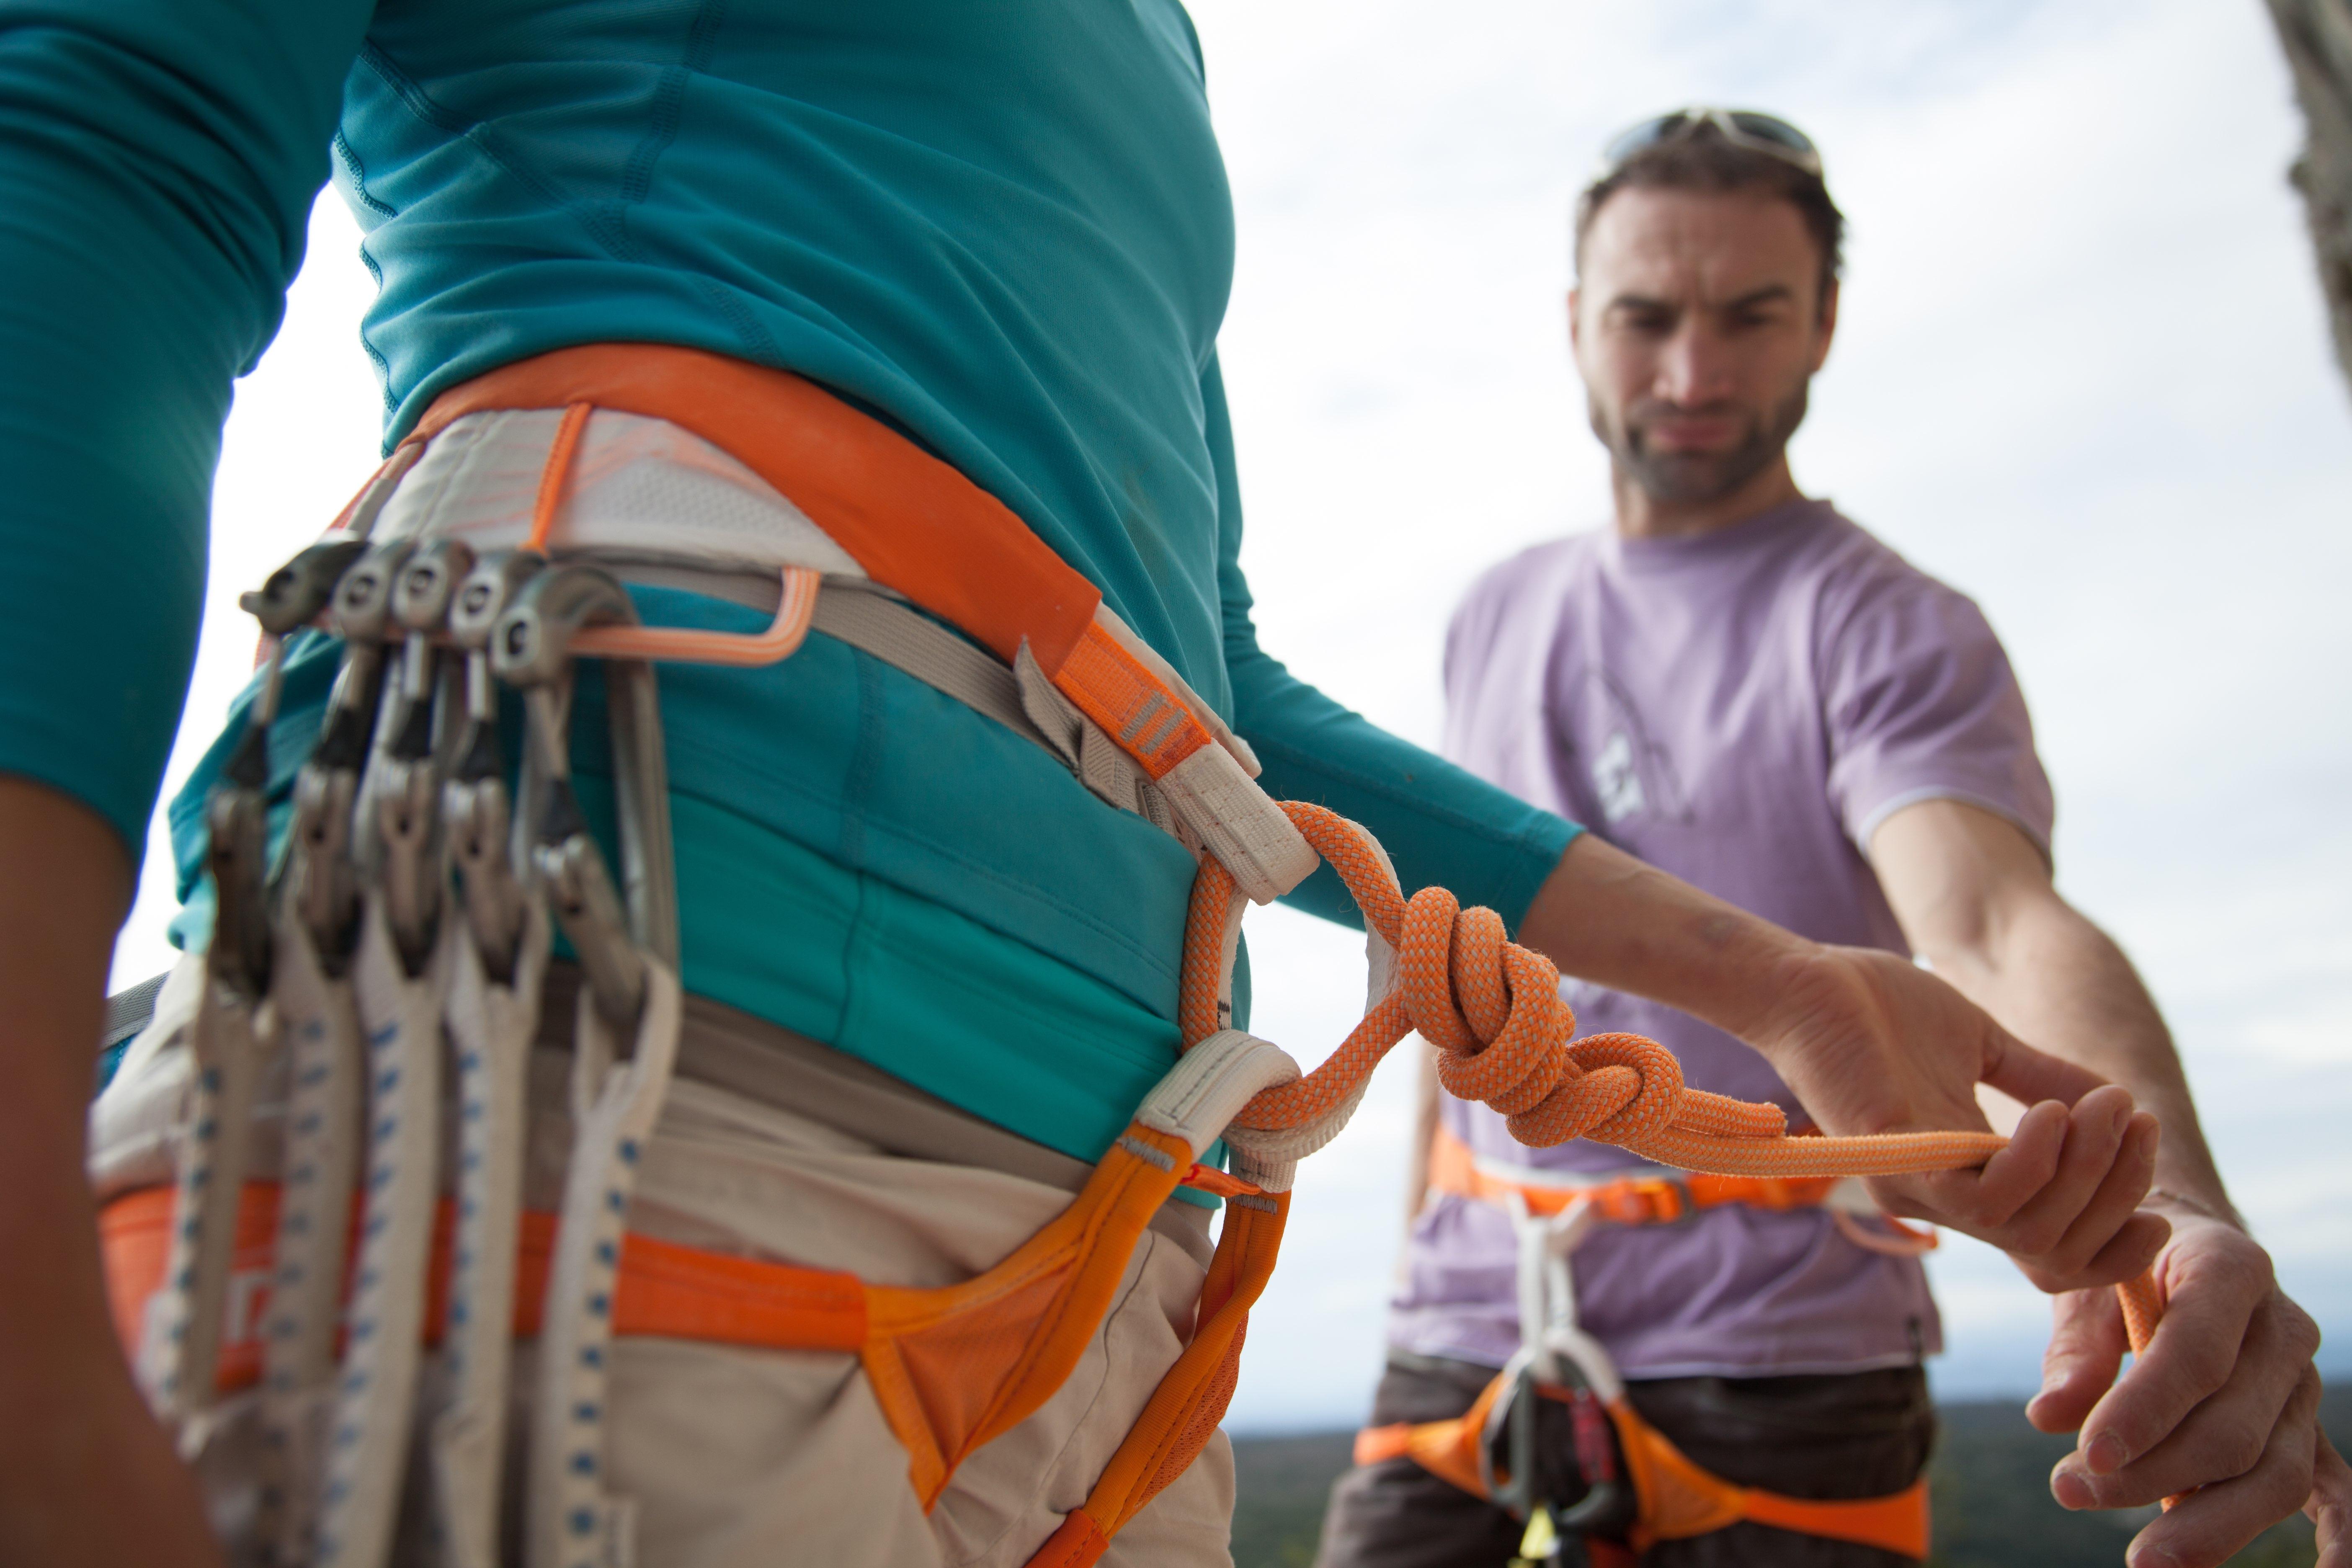 Kletterausrüstung Set Einsteiger : So wird klettern noch sicherer